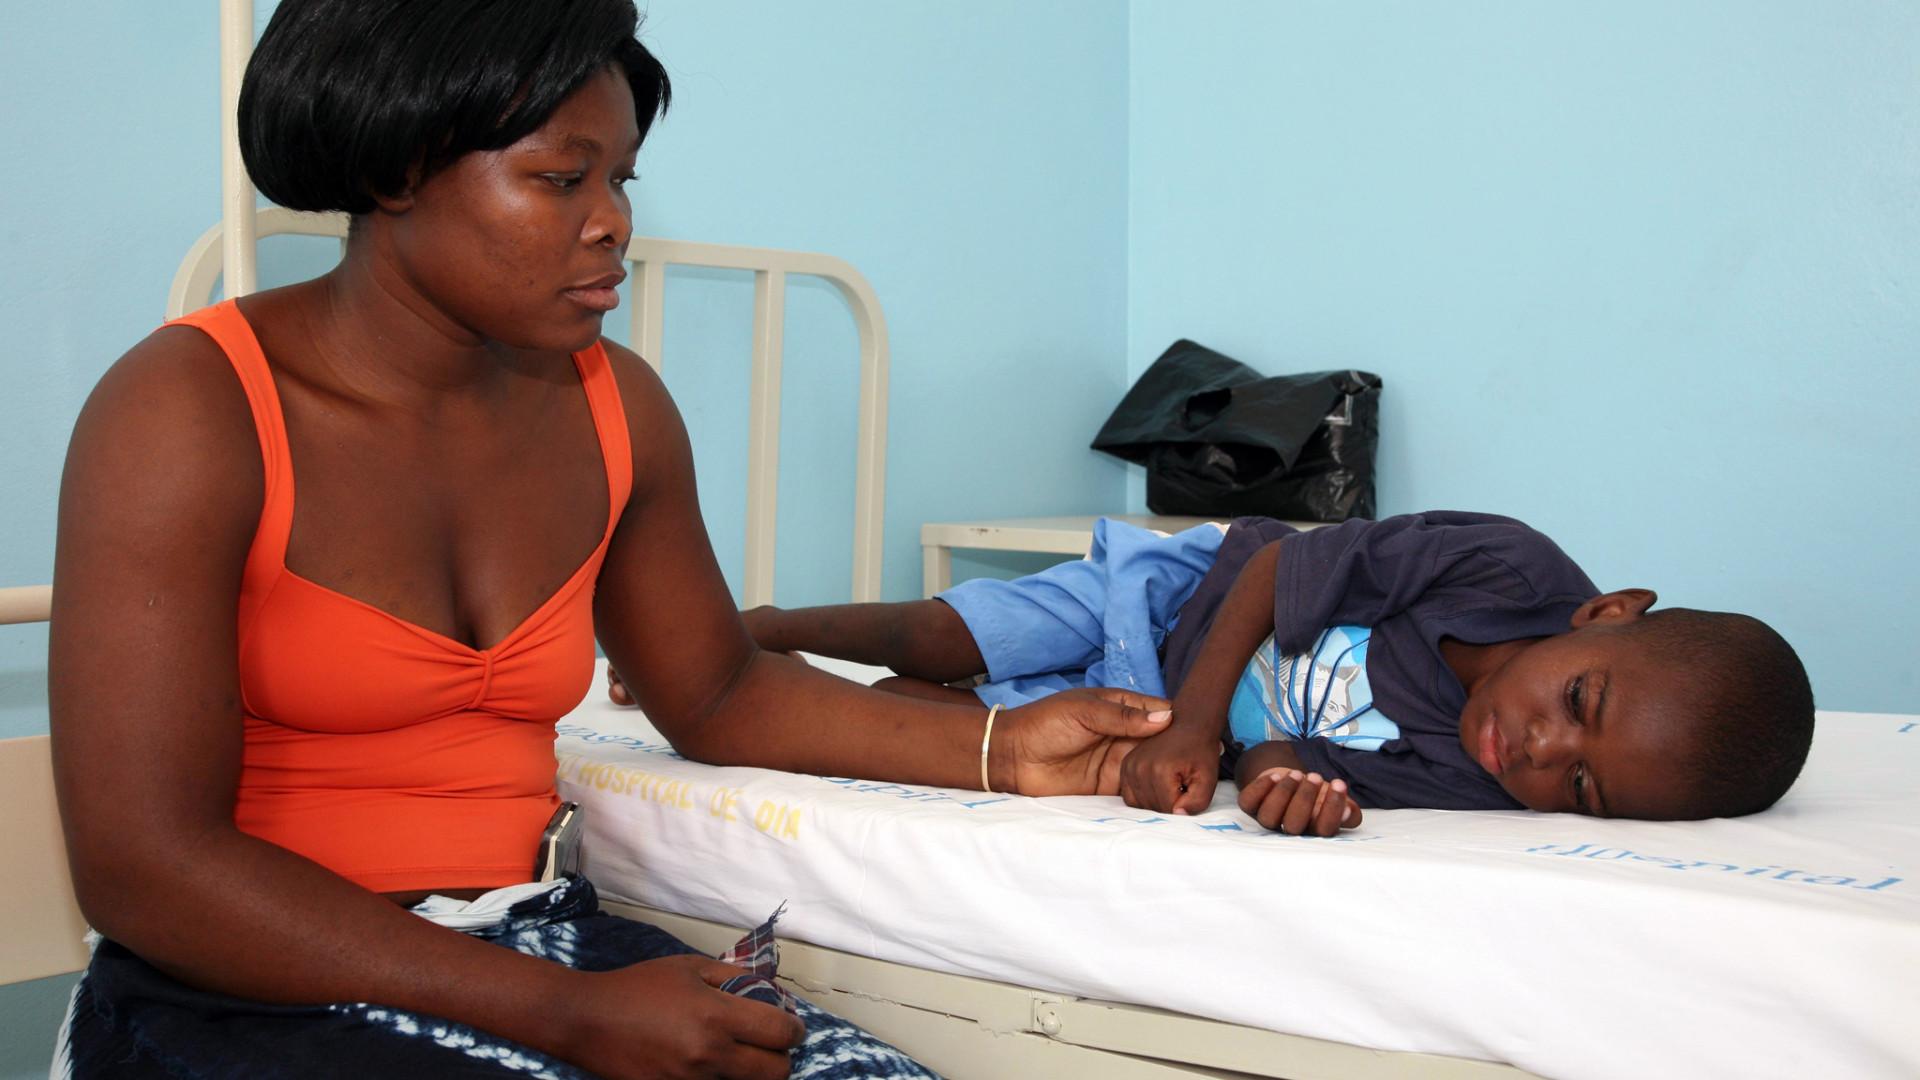 EUA apoiam saúde materno-infantil em Moçambique com 69 milhões de euros